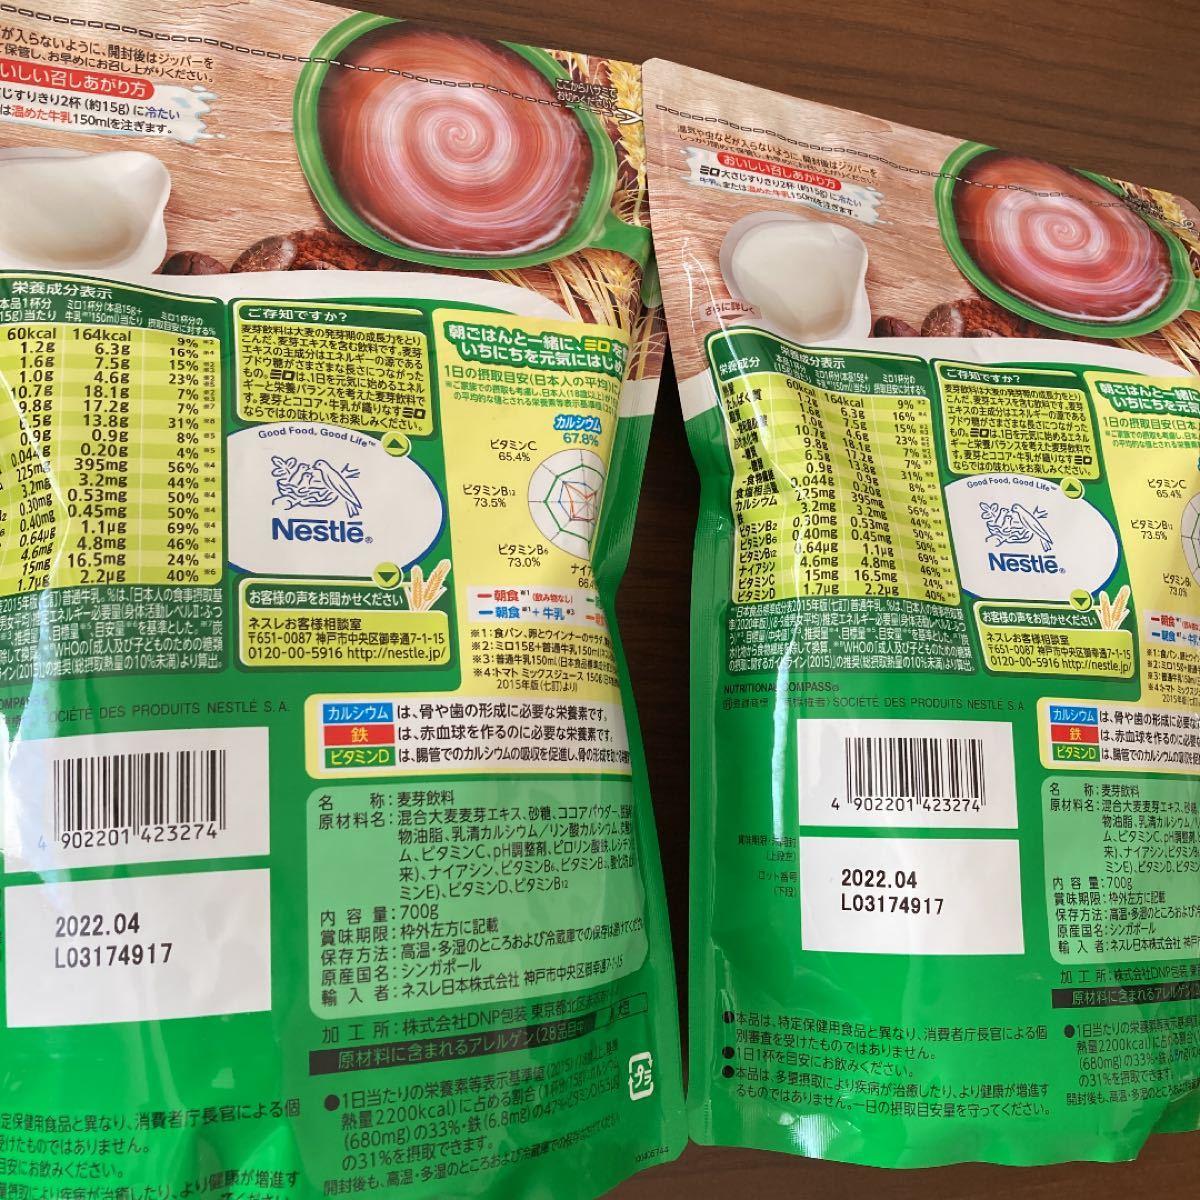 ネスレ ミロ 700g ×2袋☆ 即購入可能☆